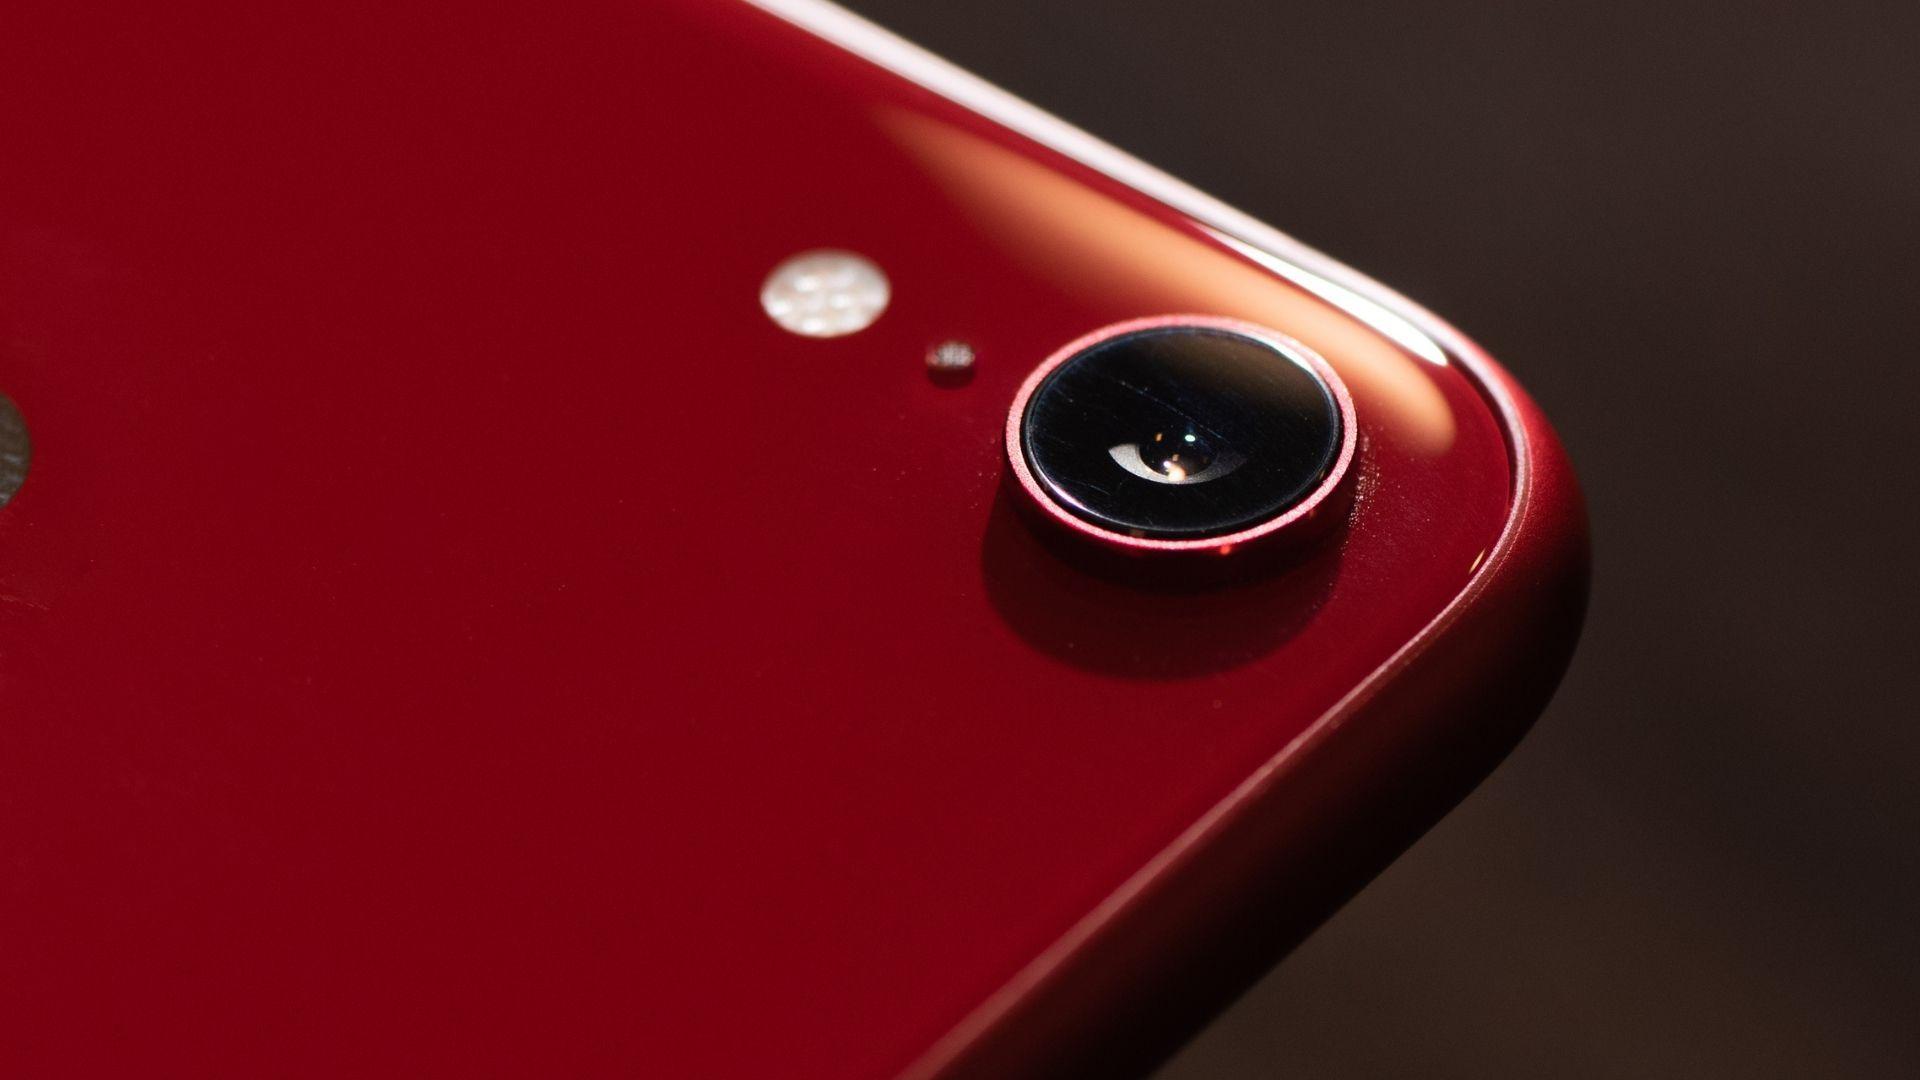 O iPhone XR tem uma câmera melhor que a do iPhone 8 (Foto: quangmooo / Shutterstock.com)